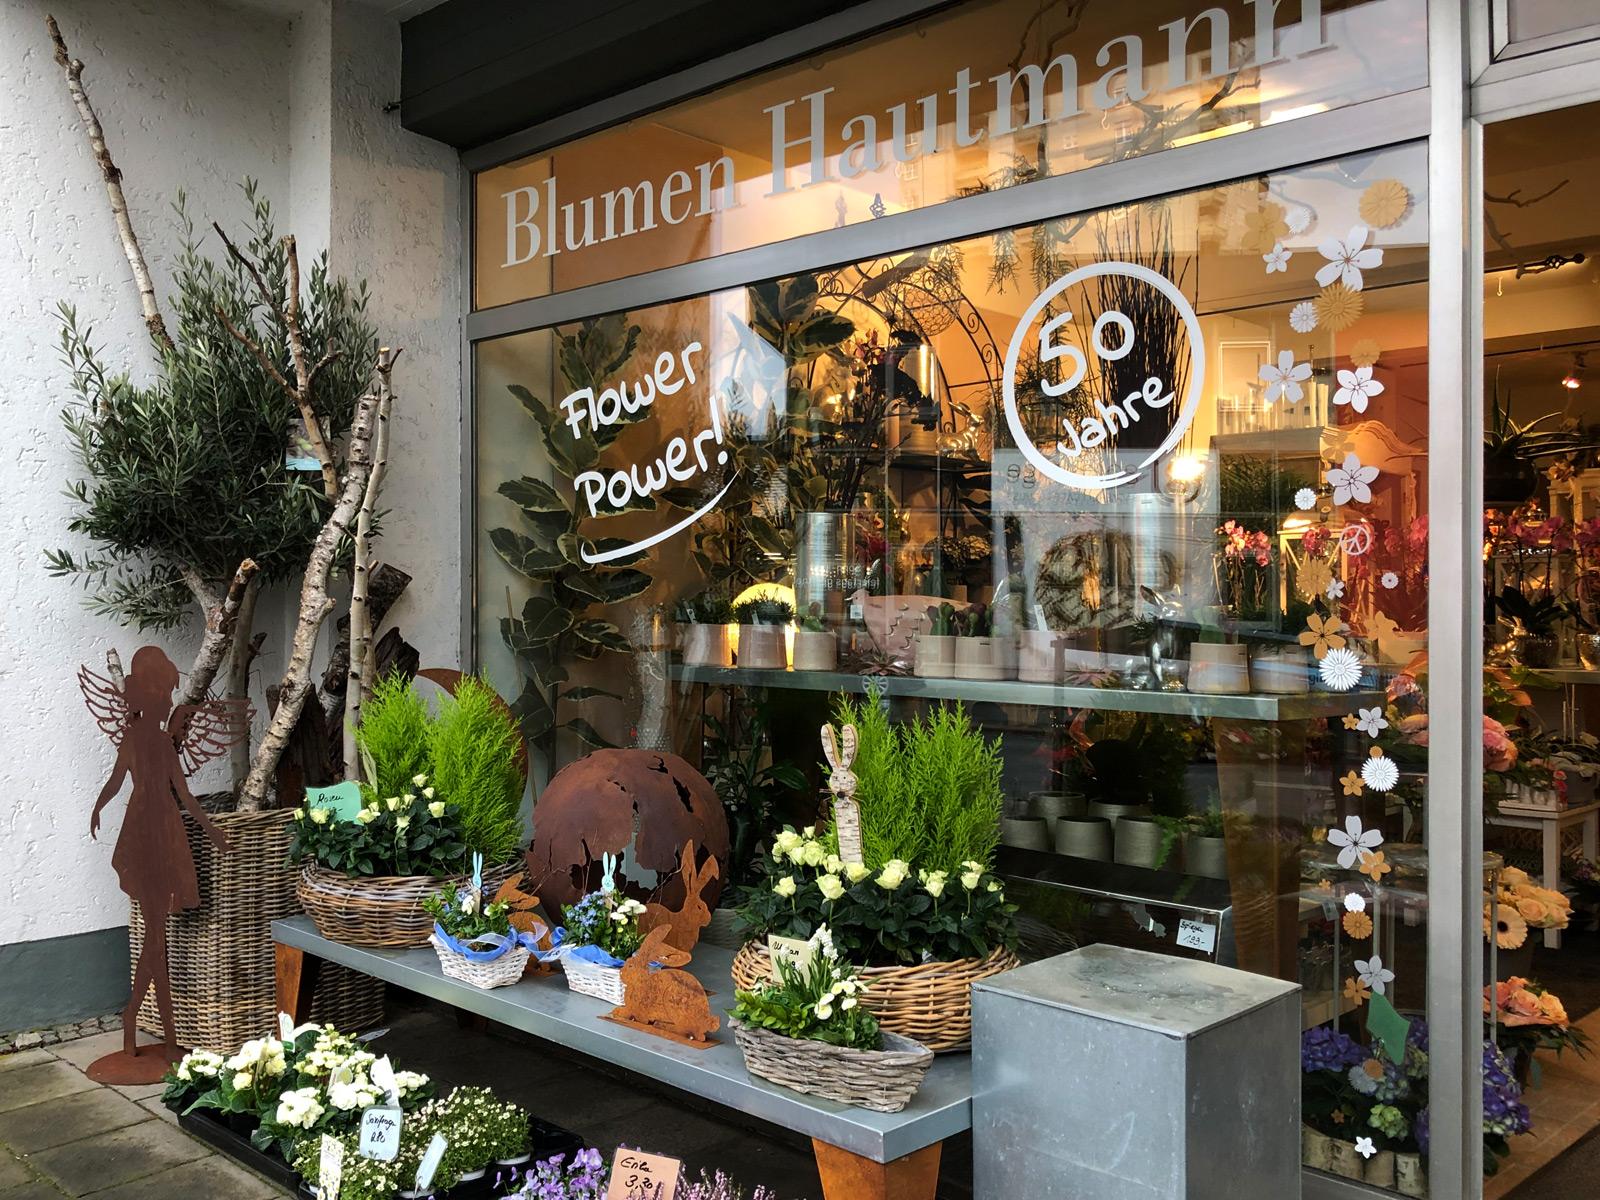 Frontansicht des rechten Fensters des Blumen Hautmann Ladens mit neuer Beklebung